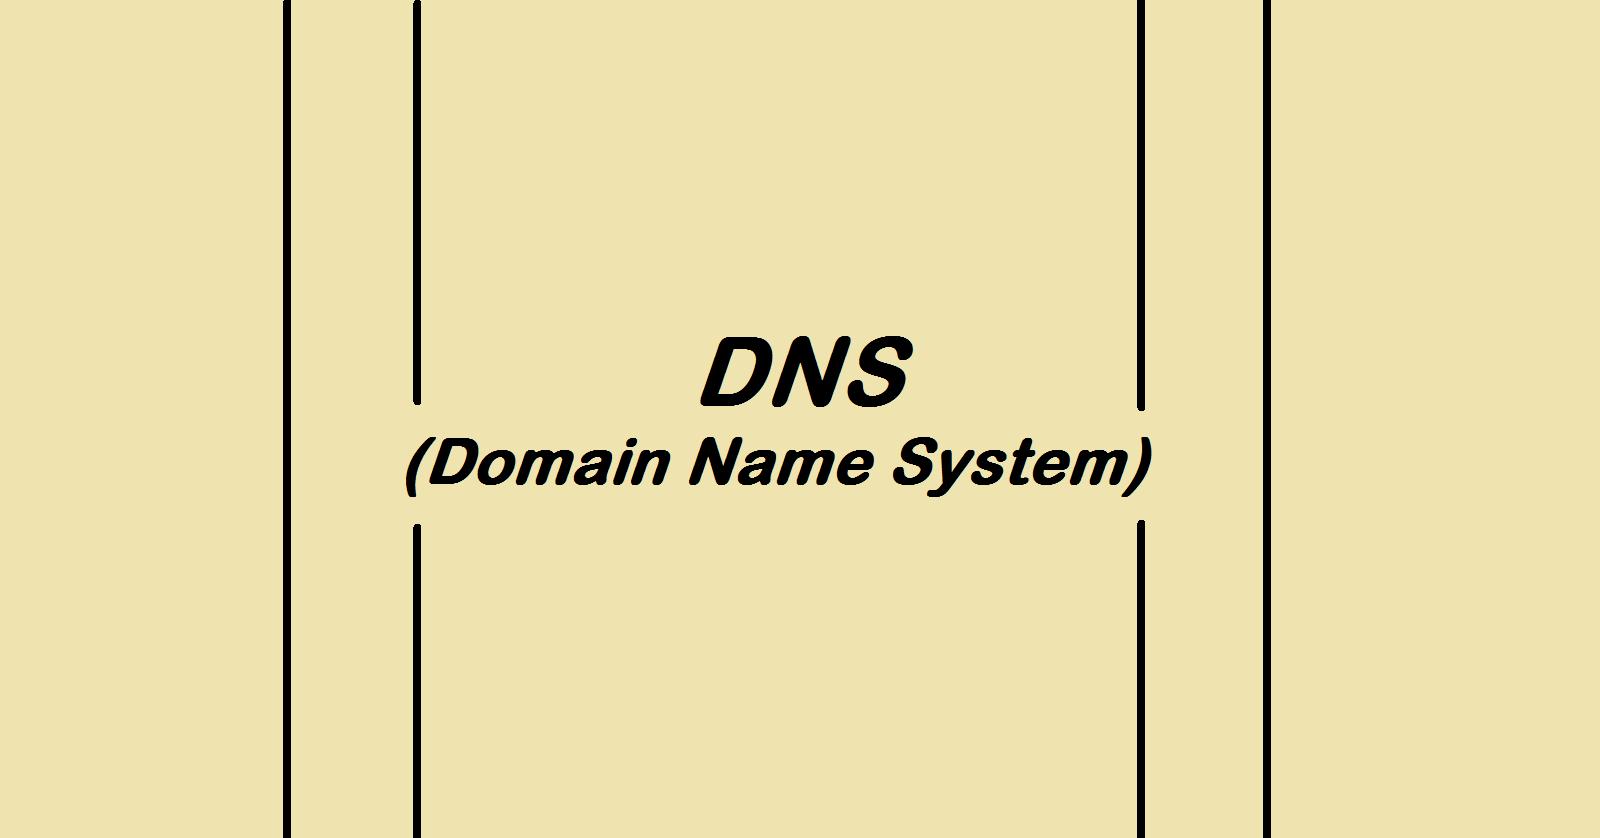 Pengertian, Cara Kerja, Fungsi dan Hirarki dari DNS